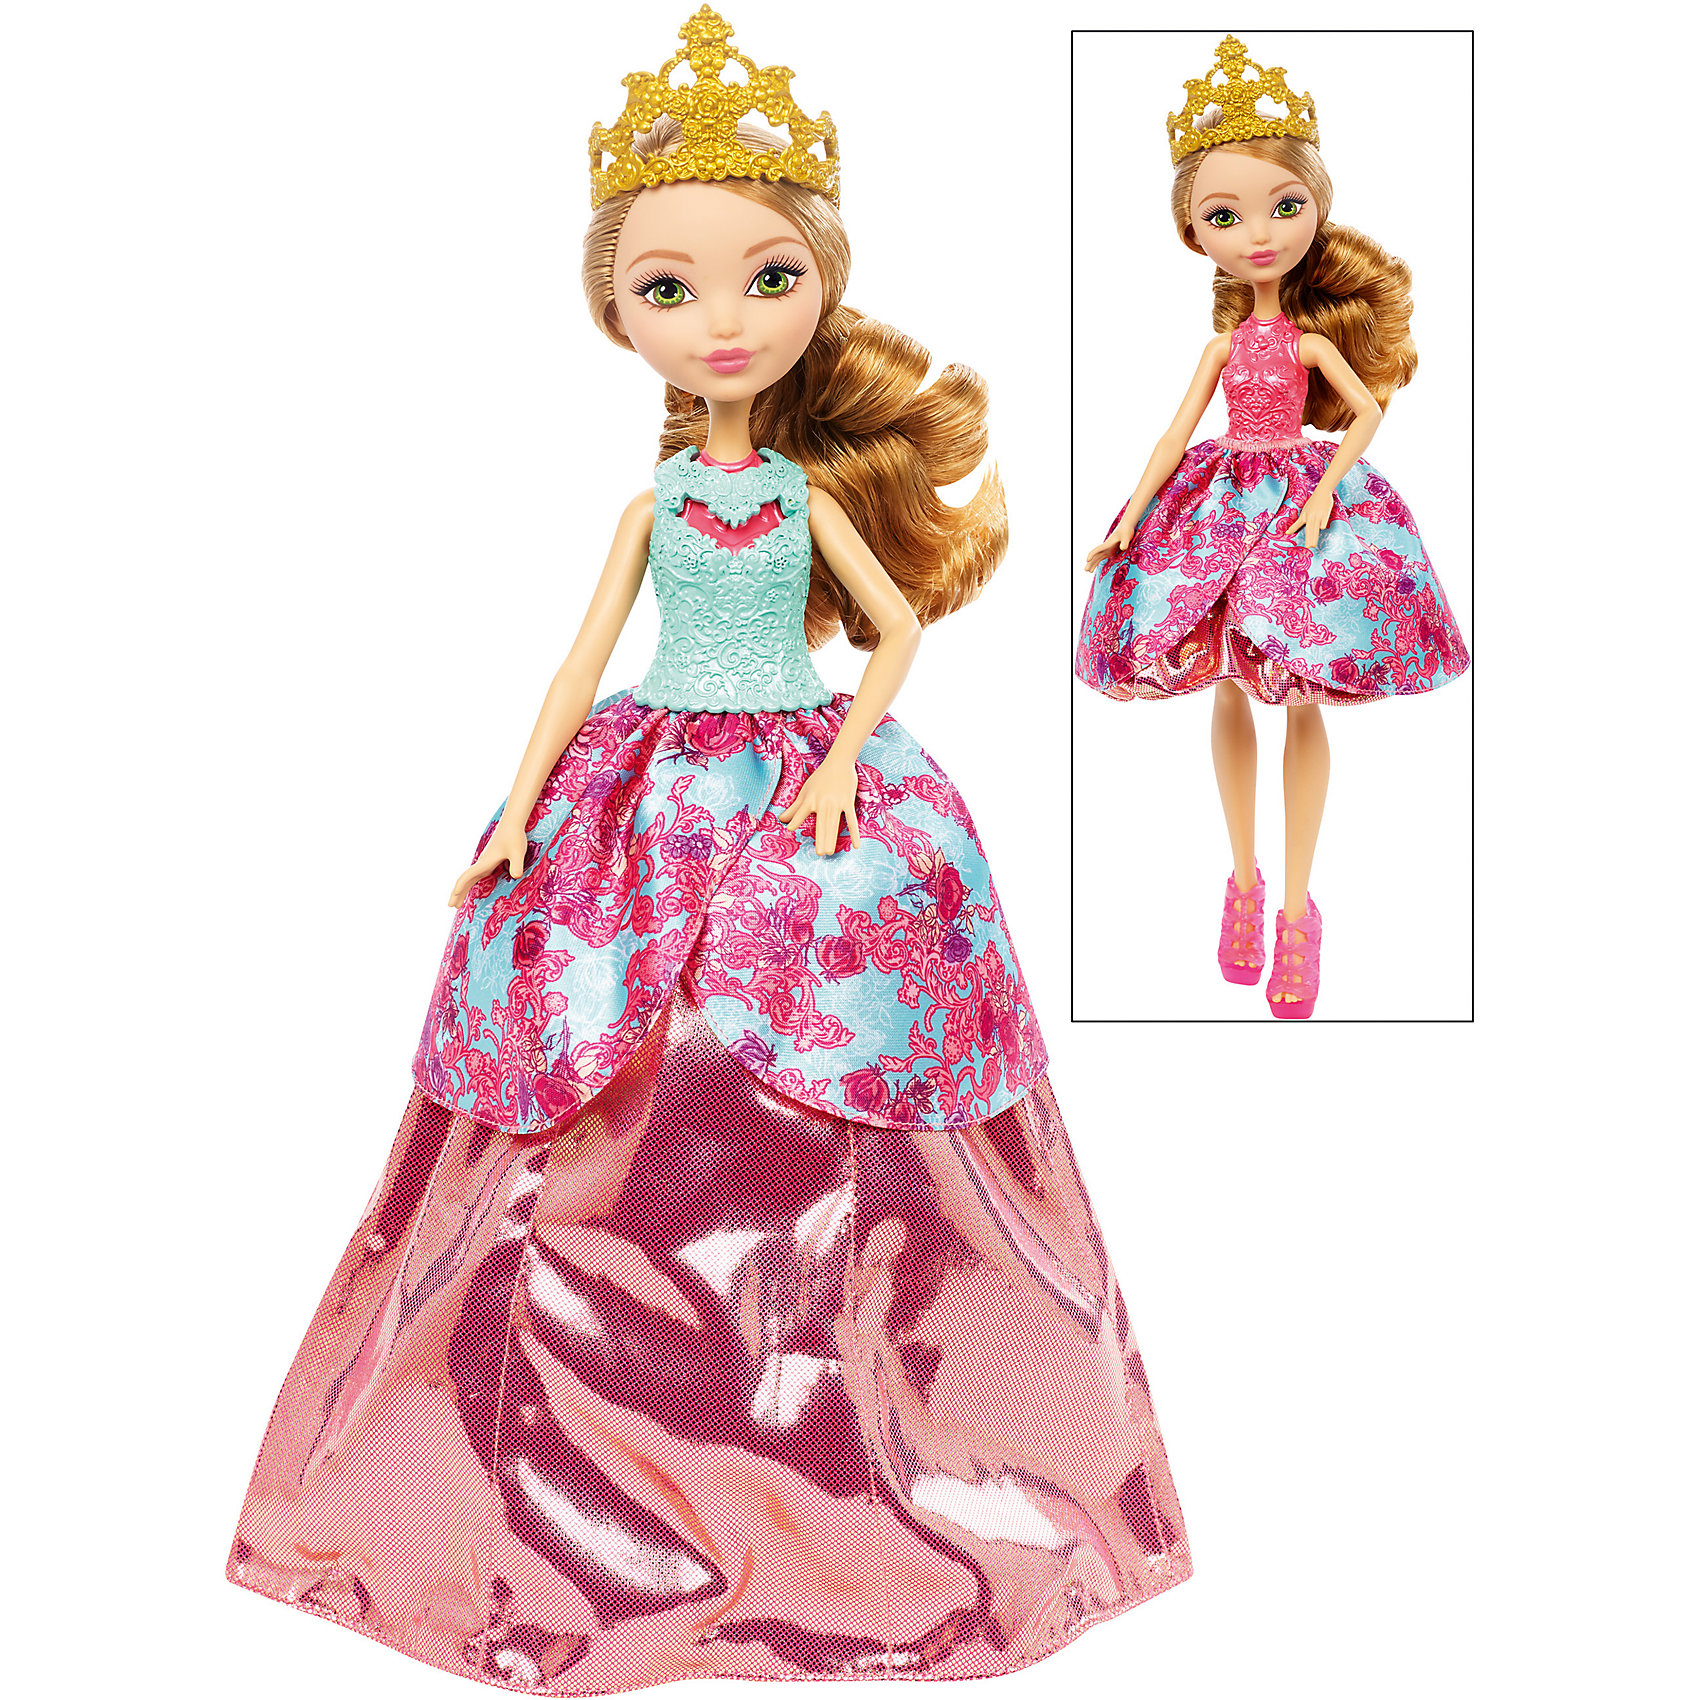 Mattel Кукла Эшлин Элла в трансформирующемся платье 2-в-1, Ever After High mattel ever after high эшлин элла